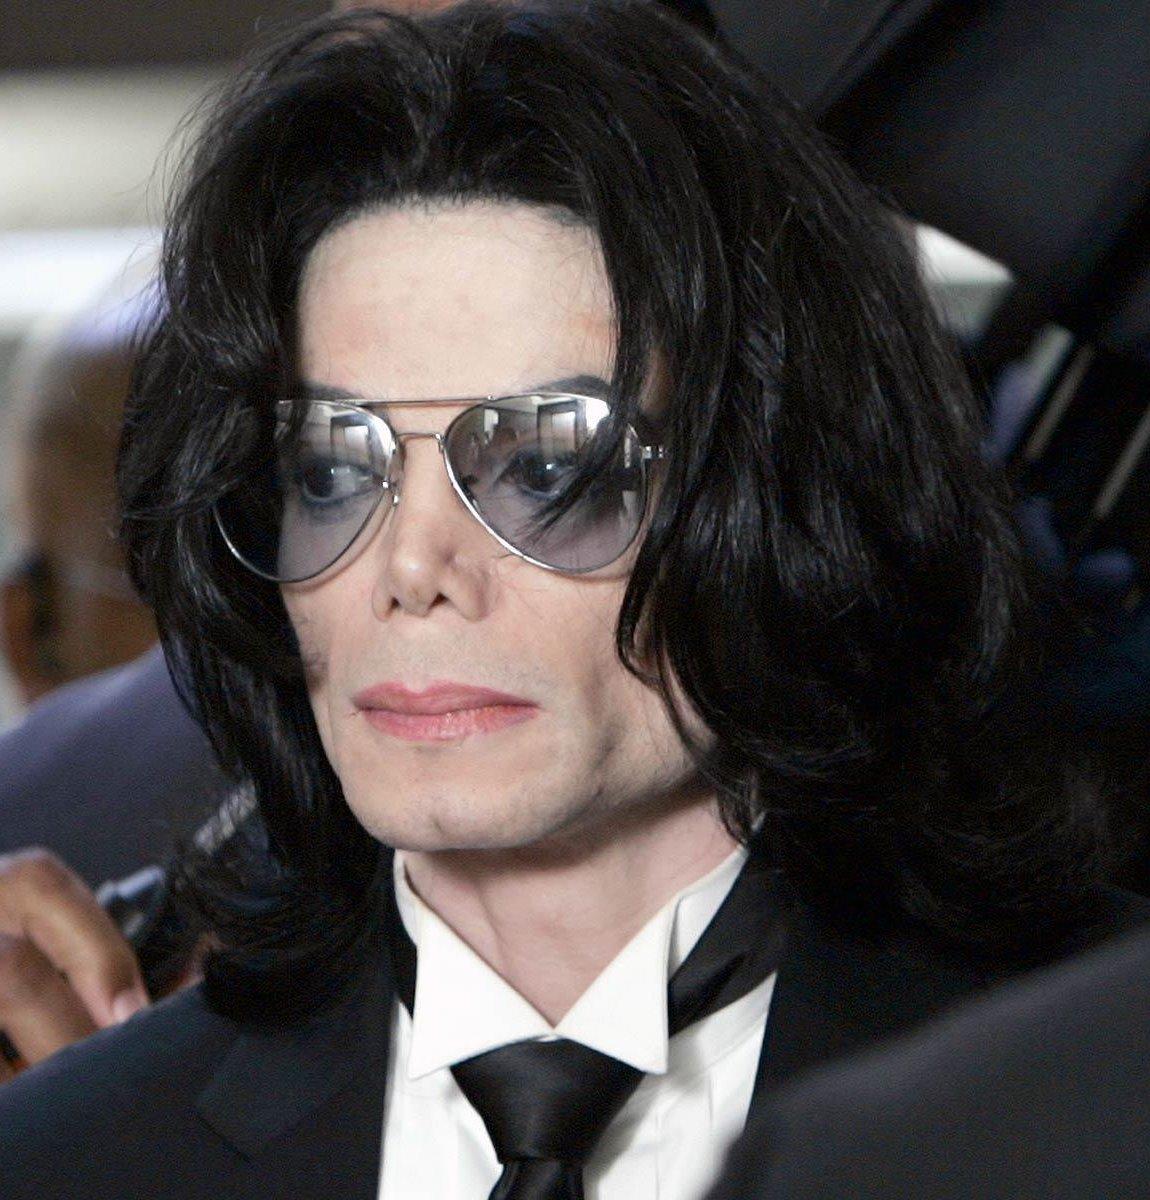 http://2.bp.blogspot.com/_JM4OylwkDJ8/TIGikdHL3KI/AAAAAAAAACI/cn6MqtFbN_w/s1600/Michael-Jackson10.jpg